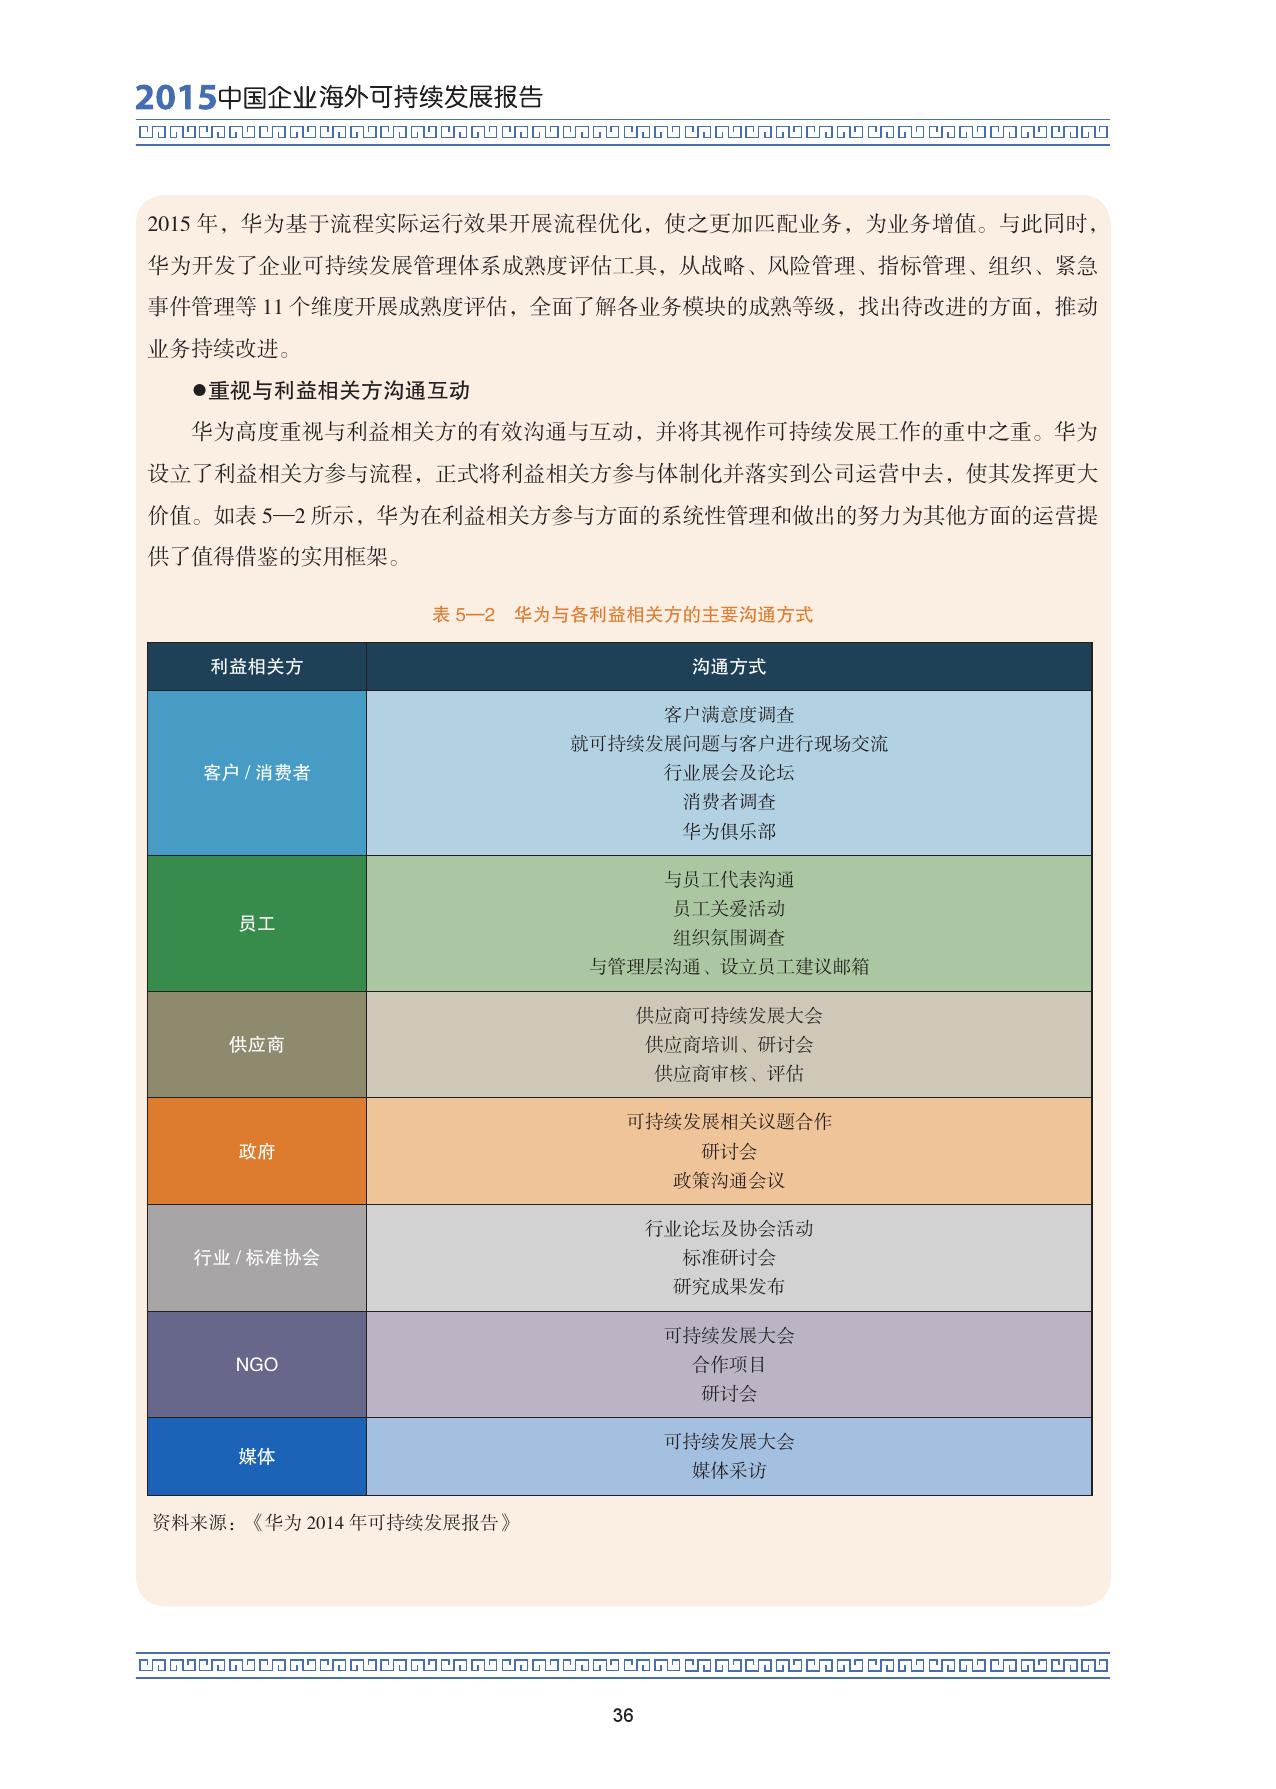 2015中国企业海外可持续发展报告_000050